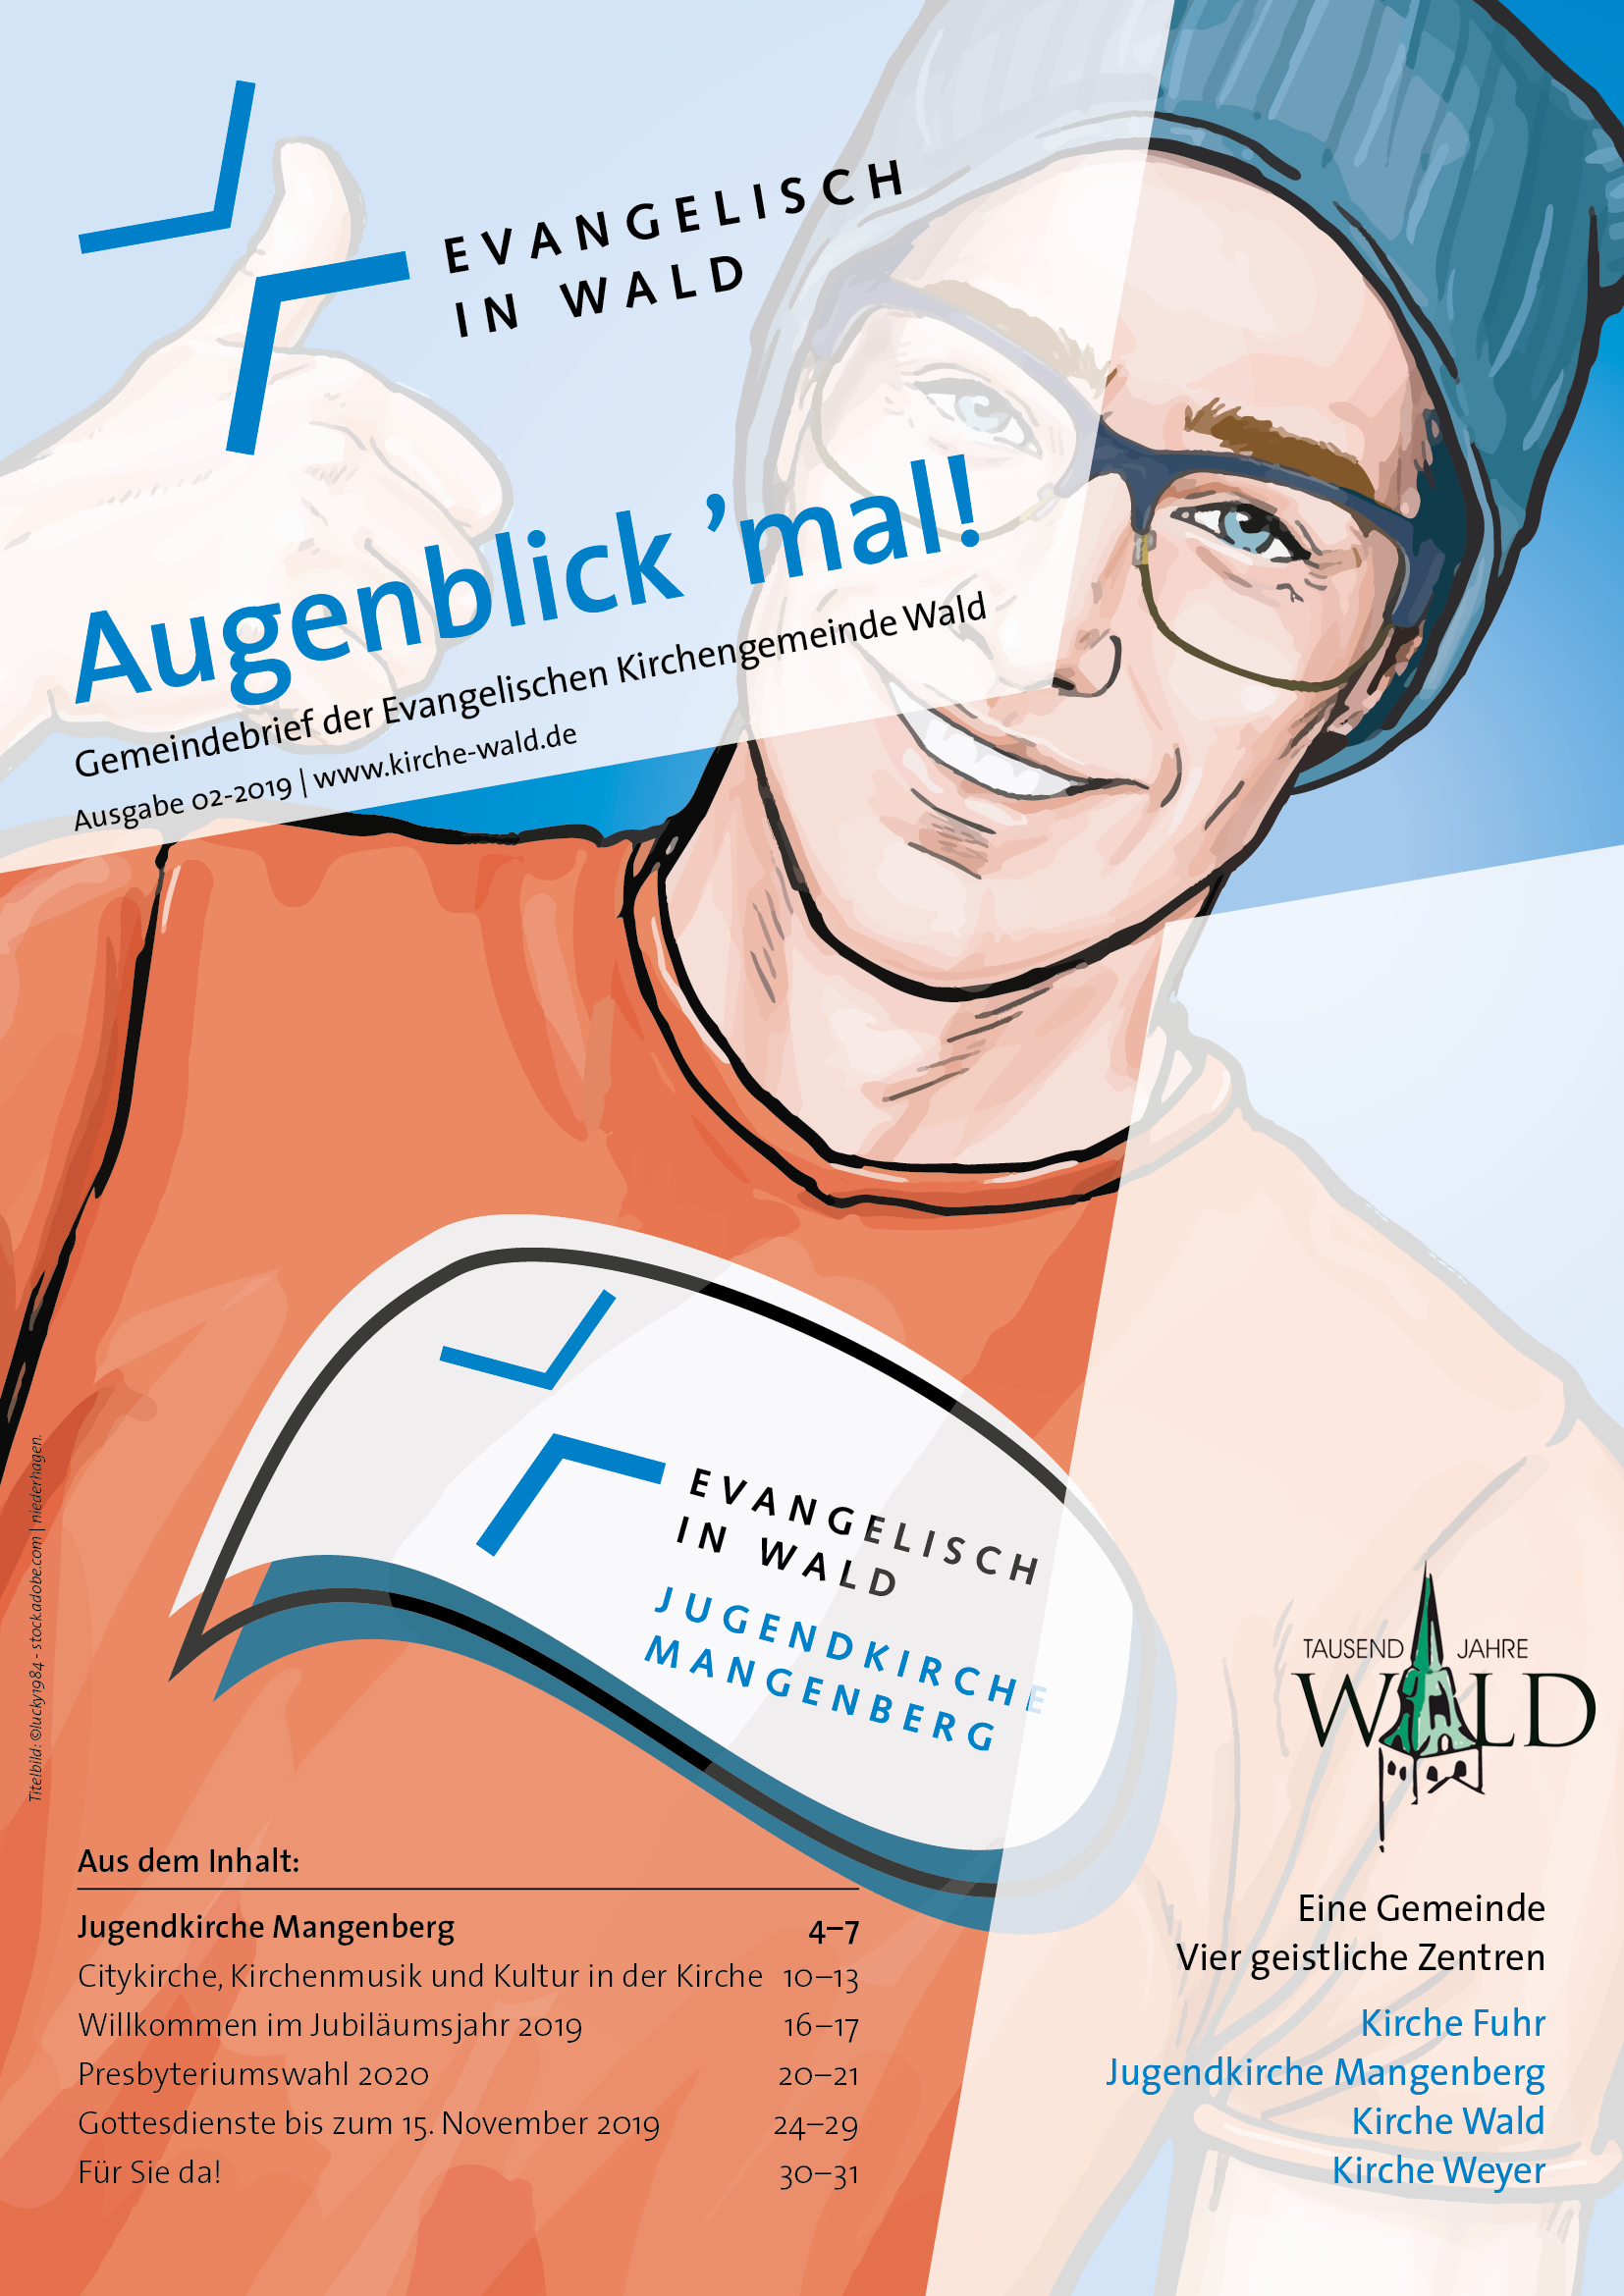 Gemeindebrief der Evangelischen Kirchengemeinde Wald